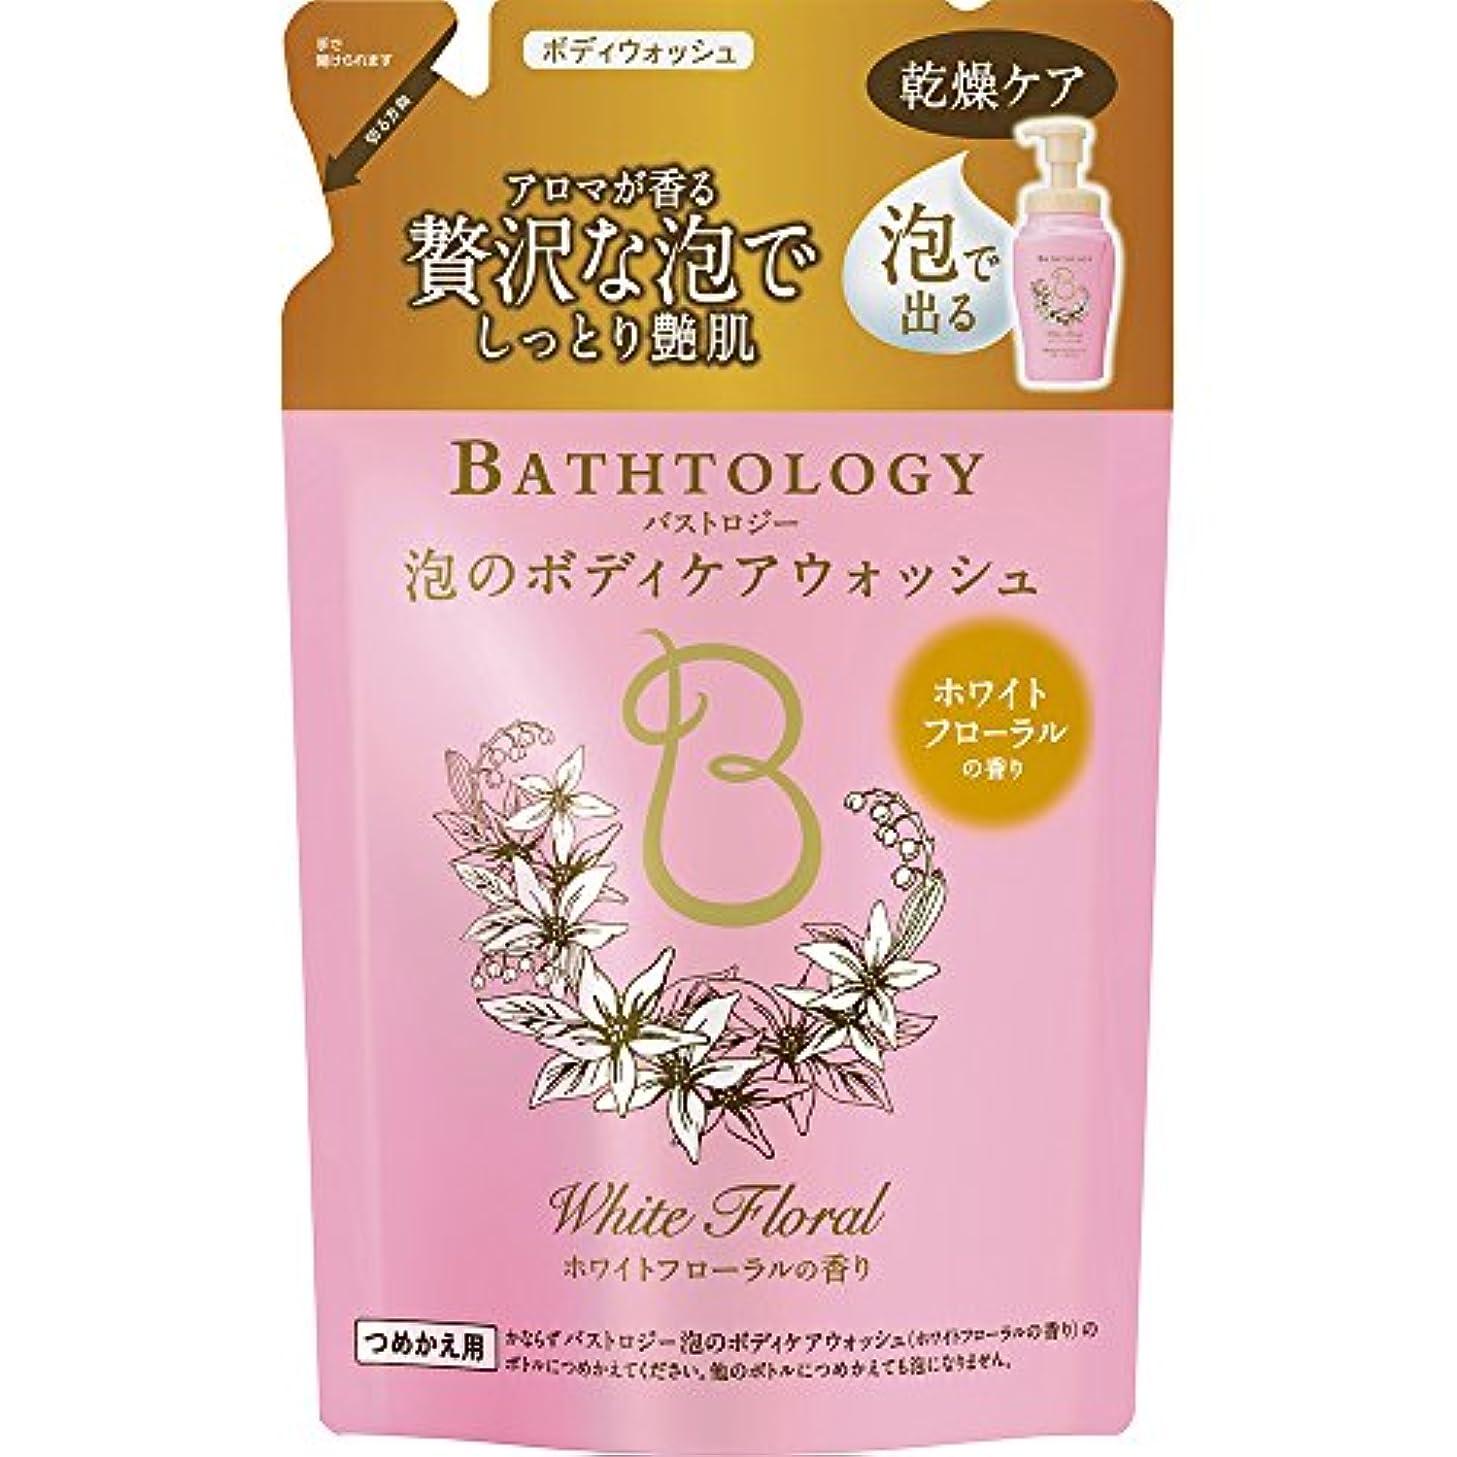 炎上時代嘆願BATHTOLOGY 泡のボディケアウォッシュ ホワイトフローラルの香り 詰め替え 350ml